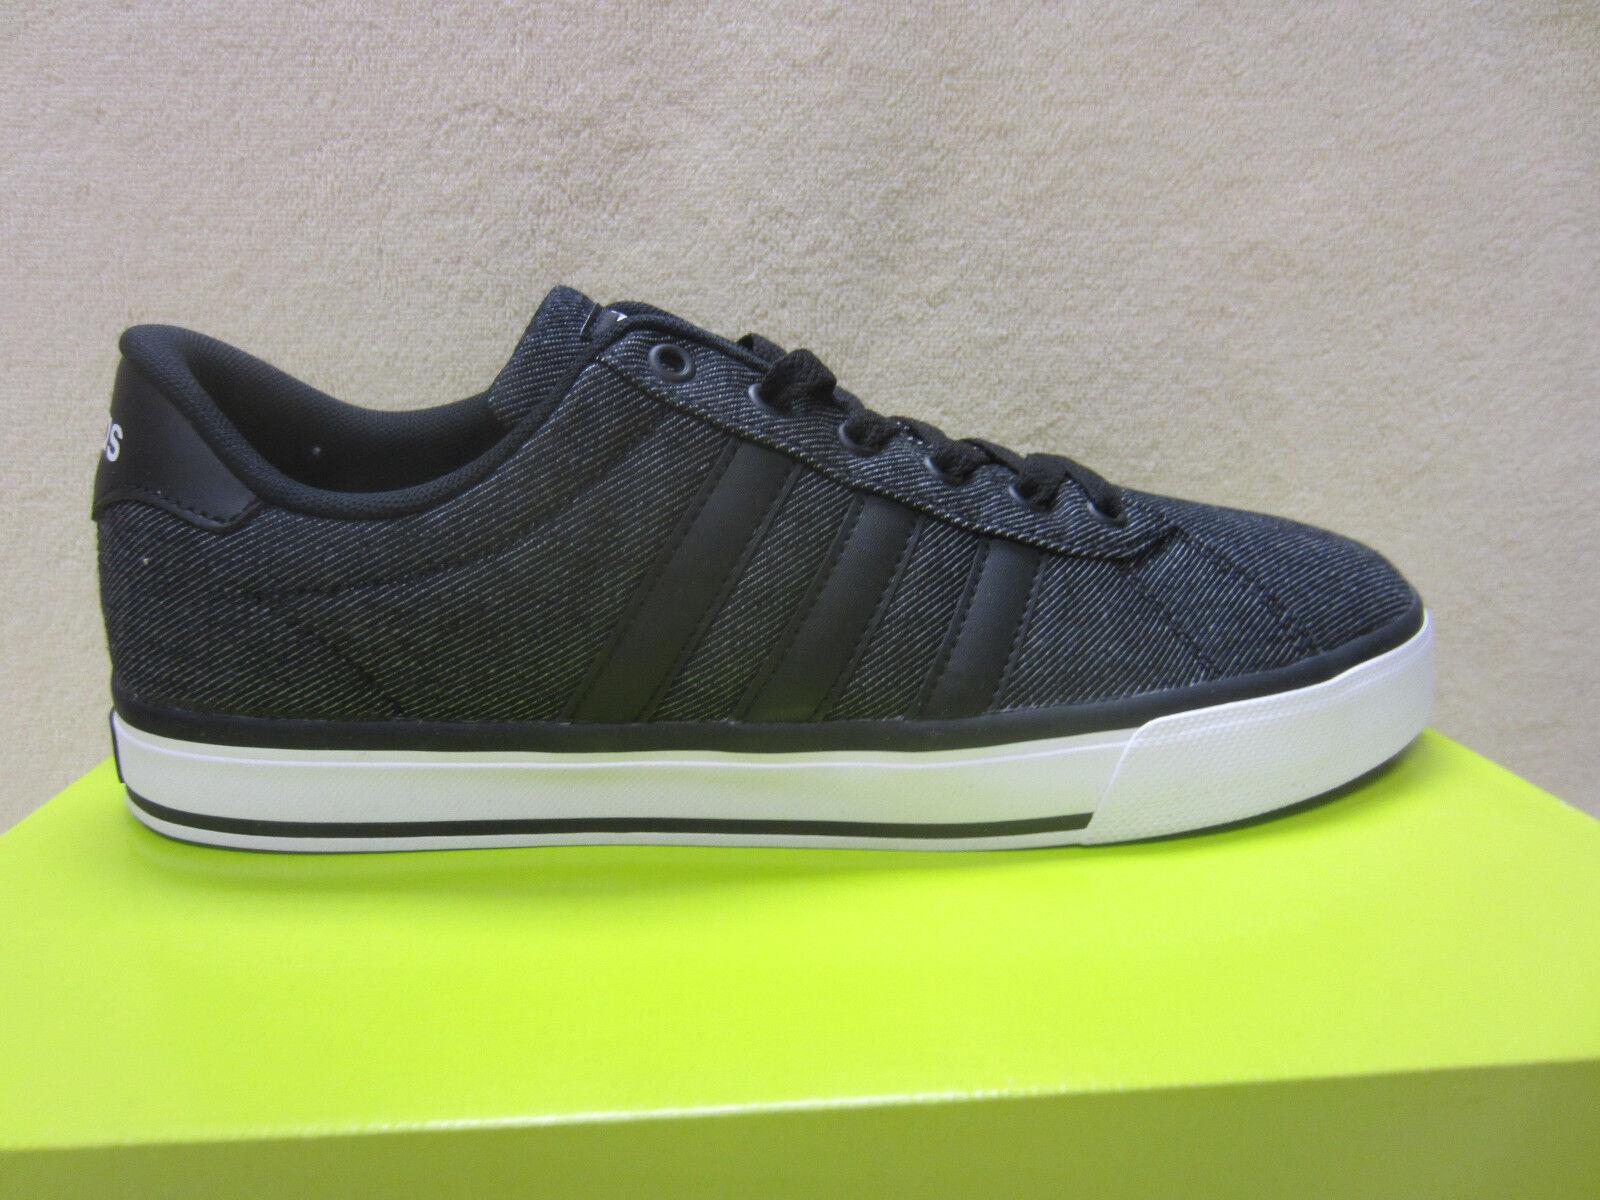 neue adidas se 9 täglich vulc mens größe 9 se sportschuhe schwarz f76263 ef5fa0